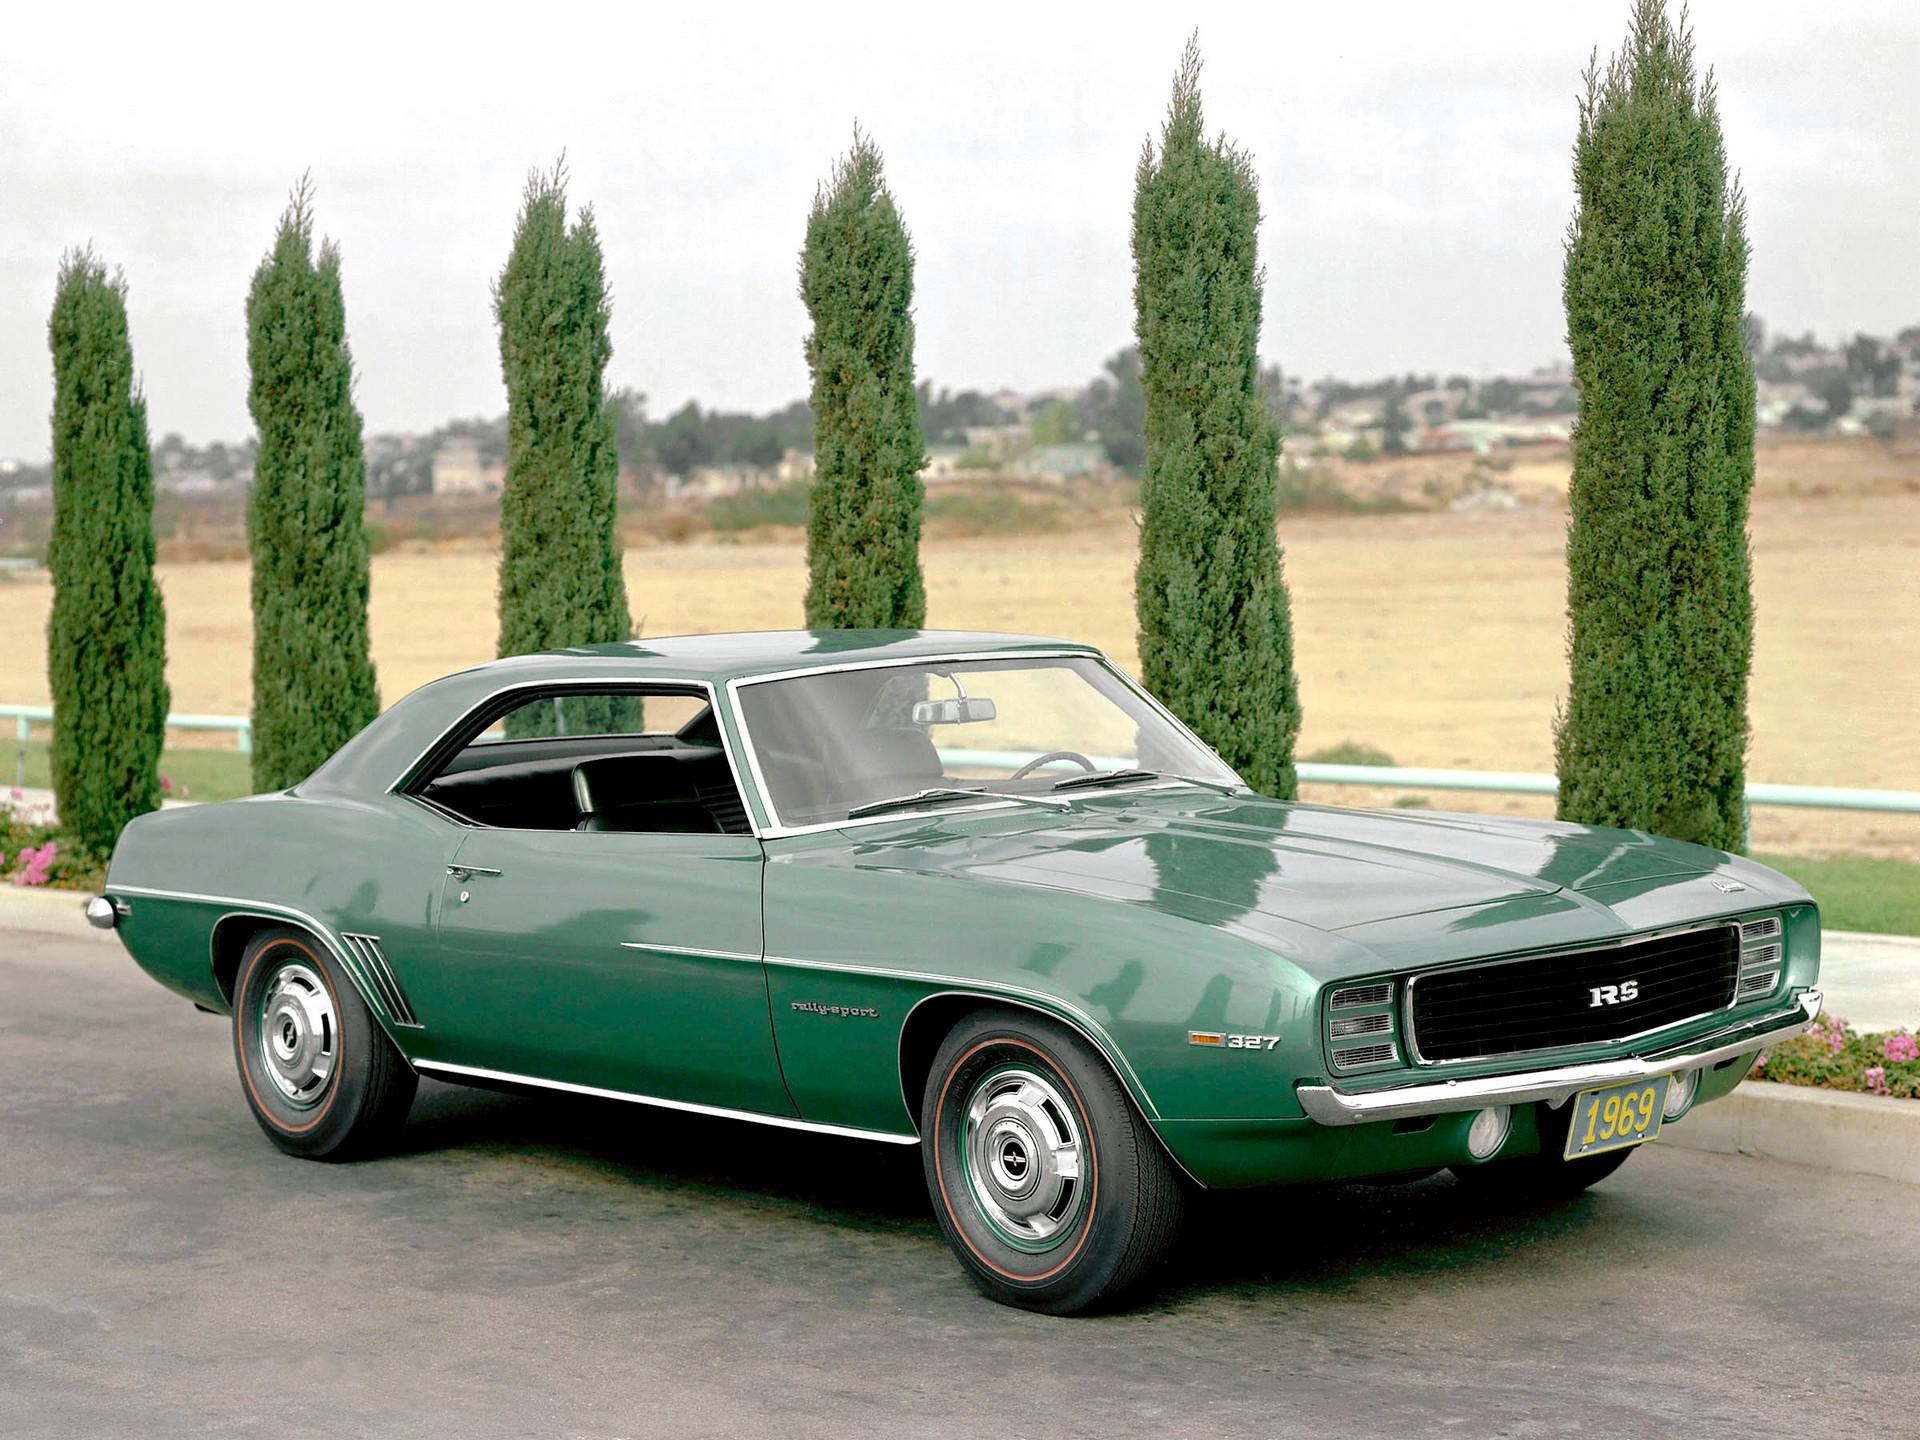 Stolen Camaro 1969